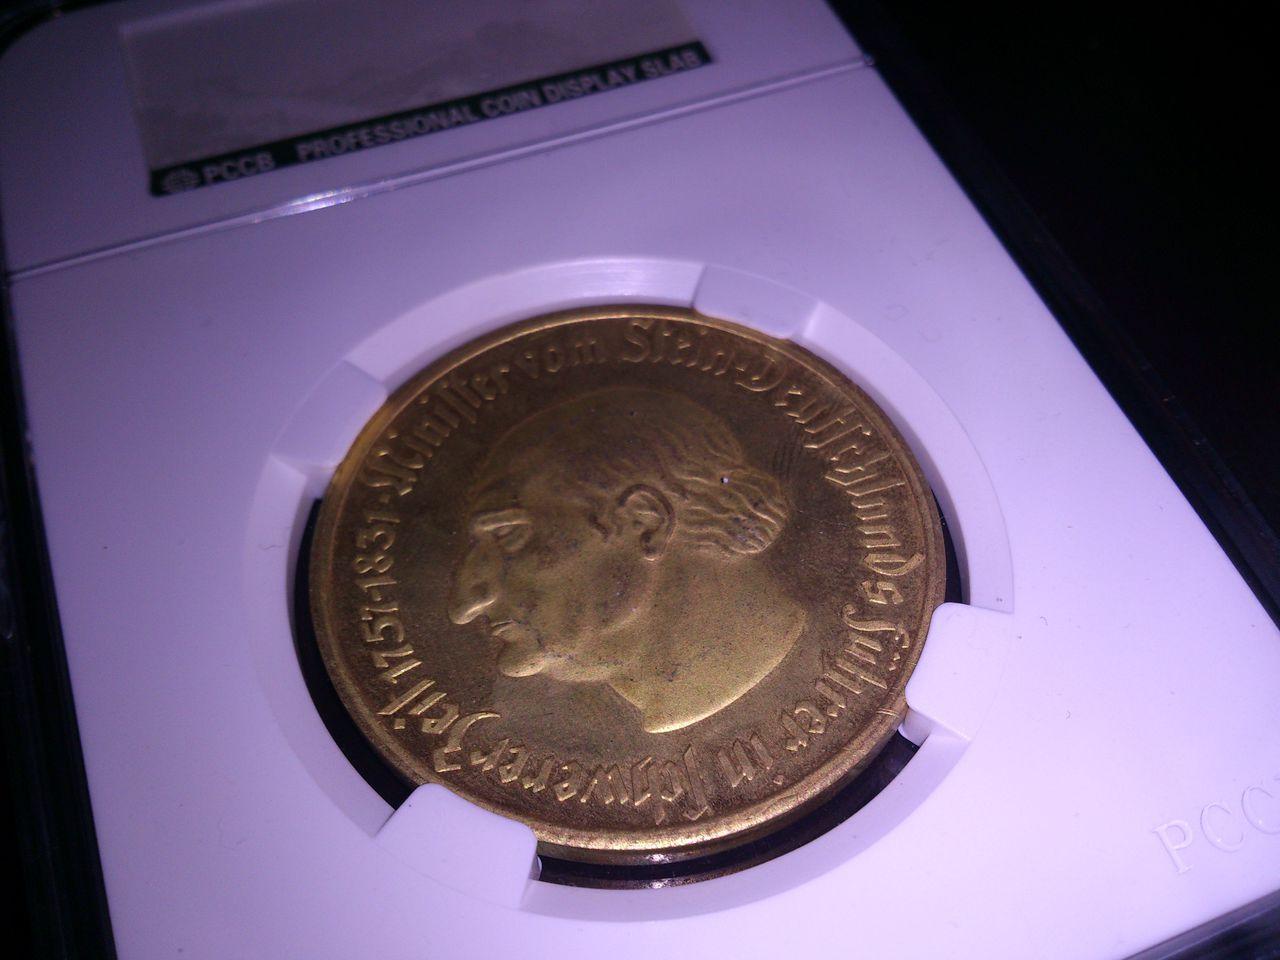 Monedas de emergencia emitidas por el banco regional de Westphalia DSC_8552